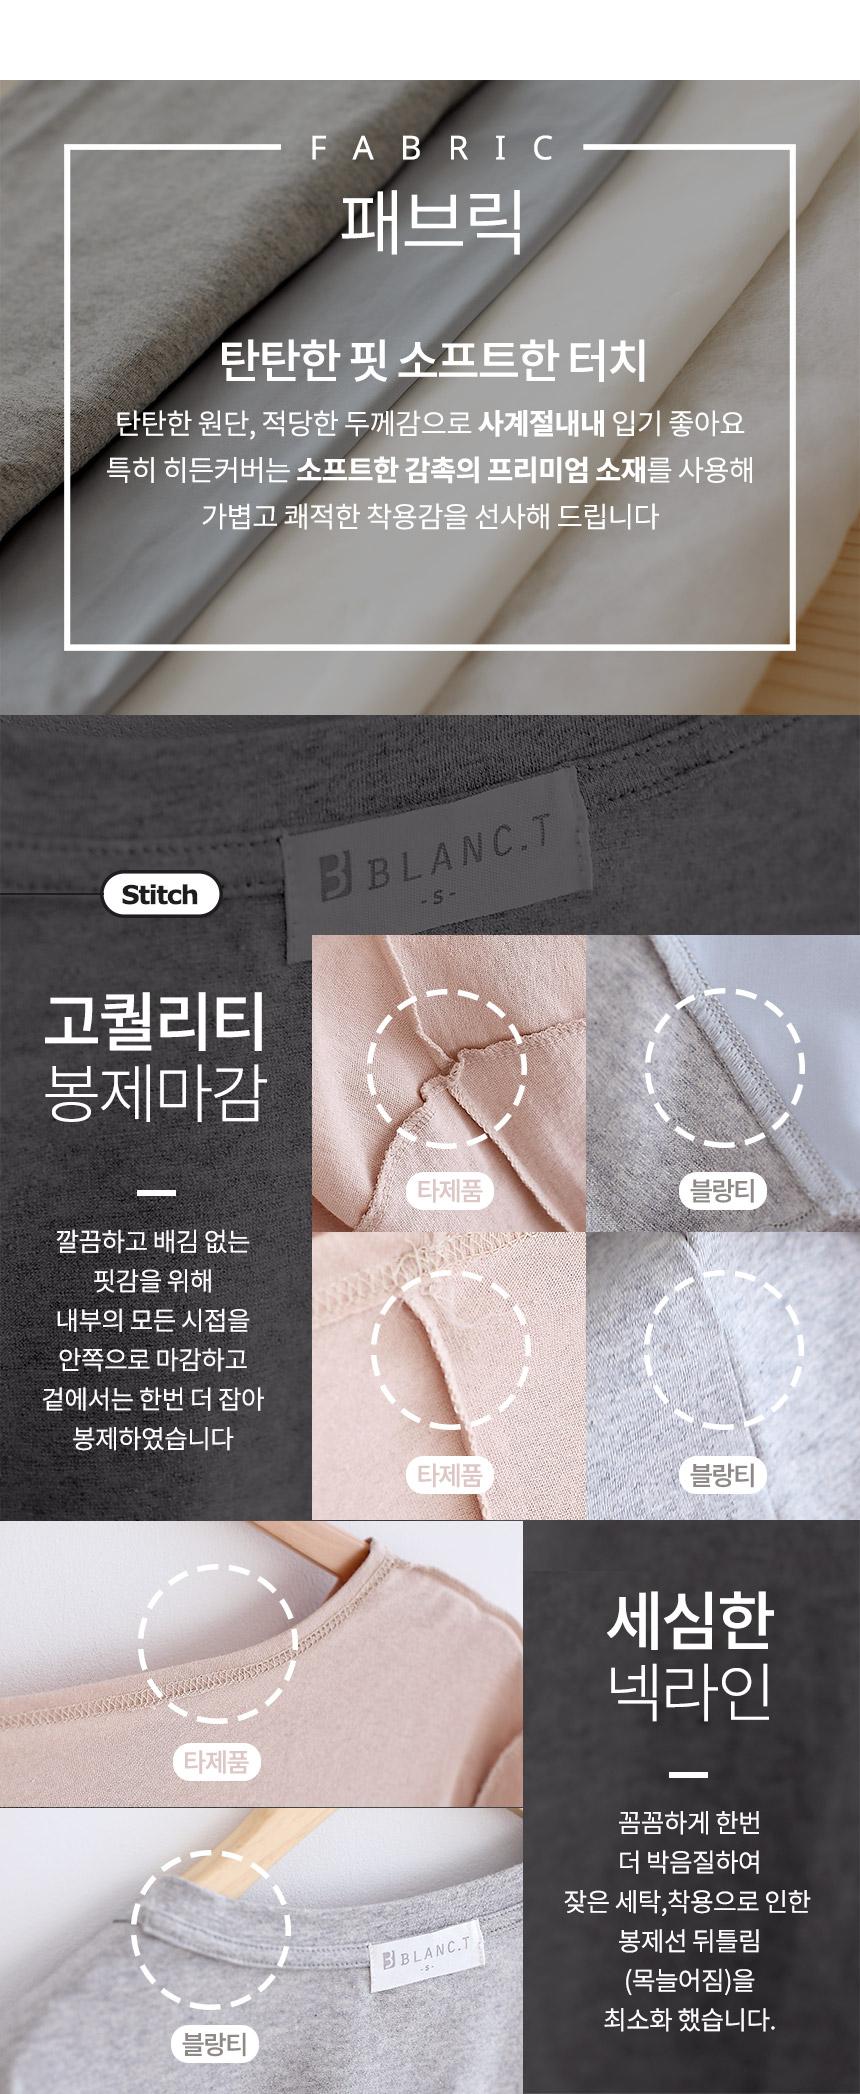 블랑티 속옷이 필요없는 원피스 챠콜 - 다샵, 21,900원, 원피스, 롱/미디원피스